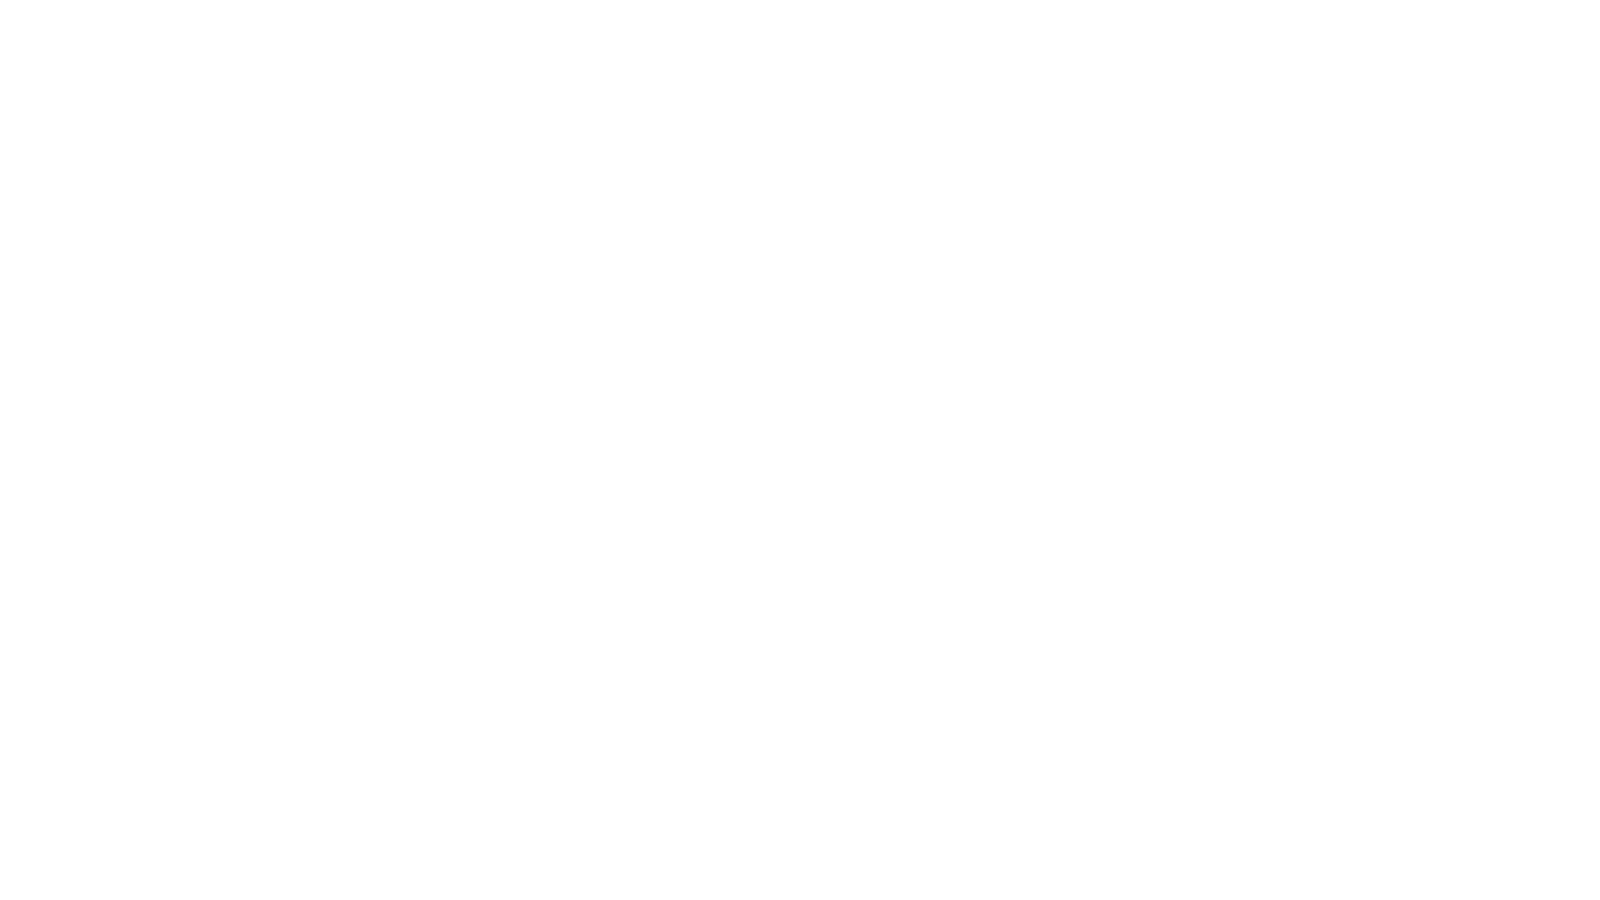 Ecco a voi una panoramica dei libri editi dalla Collana Nhope, per il gruppo editoriale Pubme.  Li trovate tutti qui https://amzn.to/2GK0eLc in edizione digitale e cartacea.  Il video è stato realizzato con Animaker - https://www.animaker.com